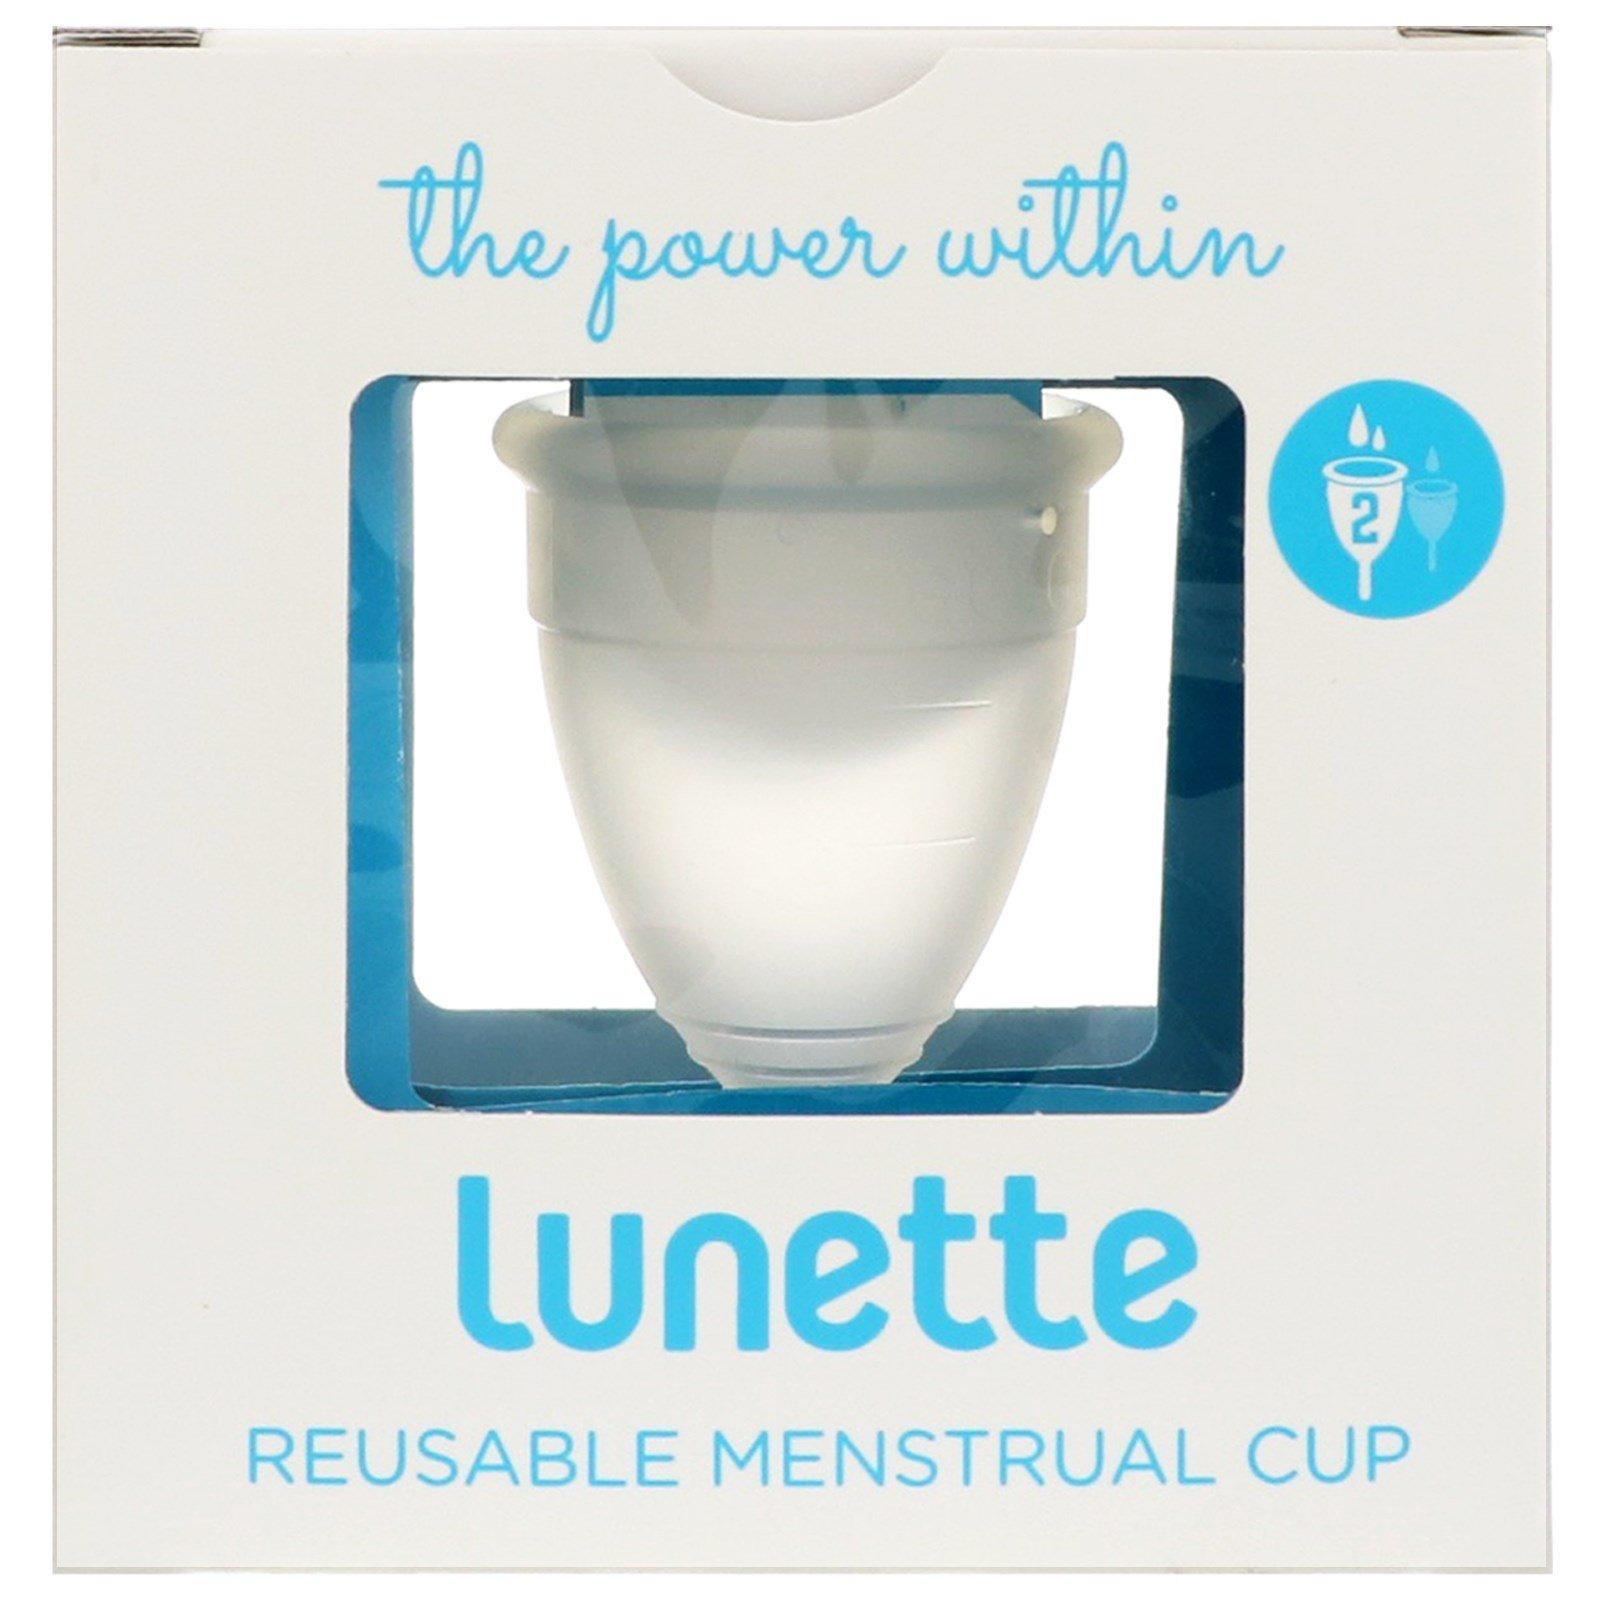 Lunette, Менструальная капа многоразового использования, модель 2, прозрачная, 1 шт.